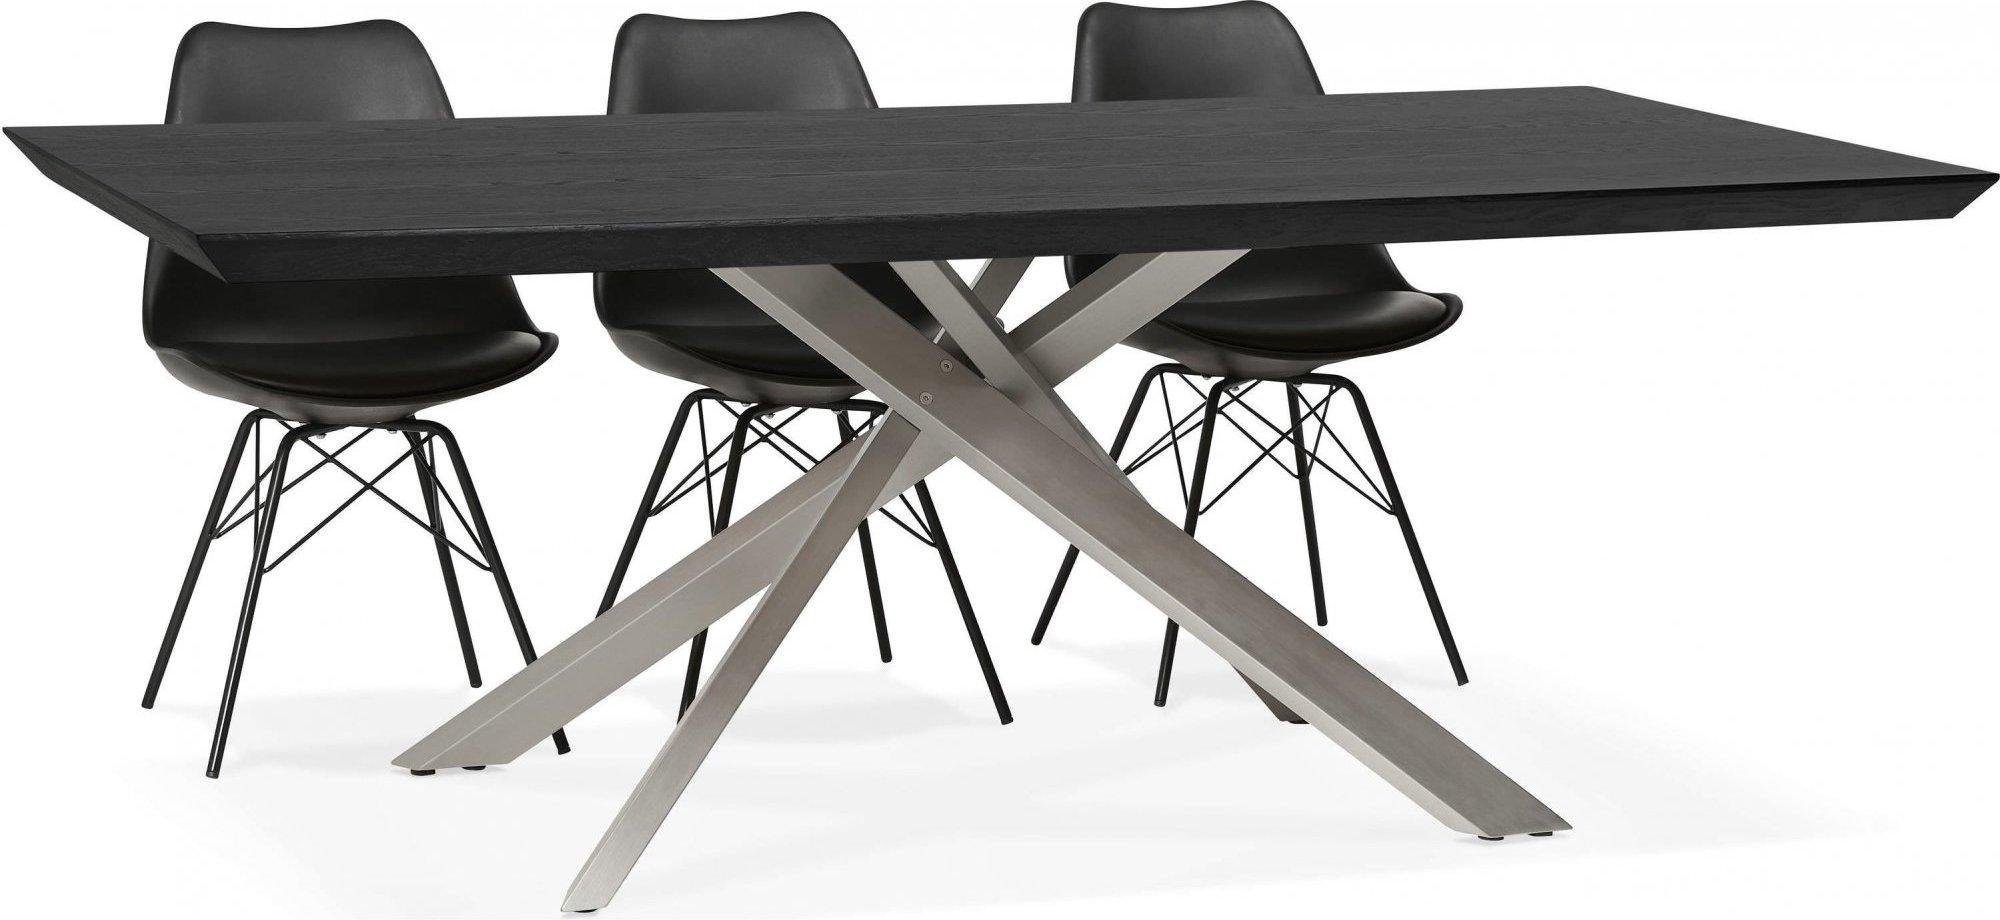 Table a diner plateau bois noir pieds blanc 8 places l200cm